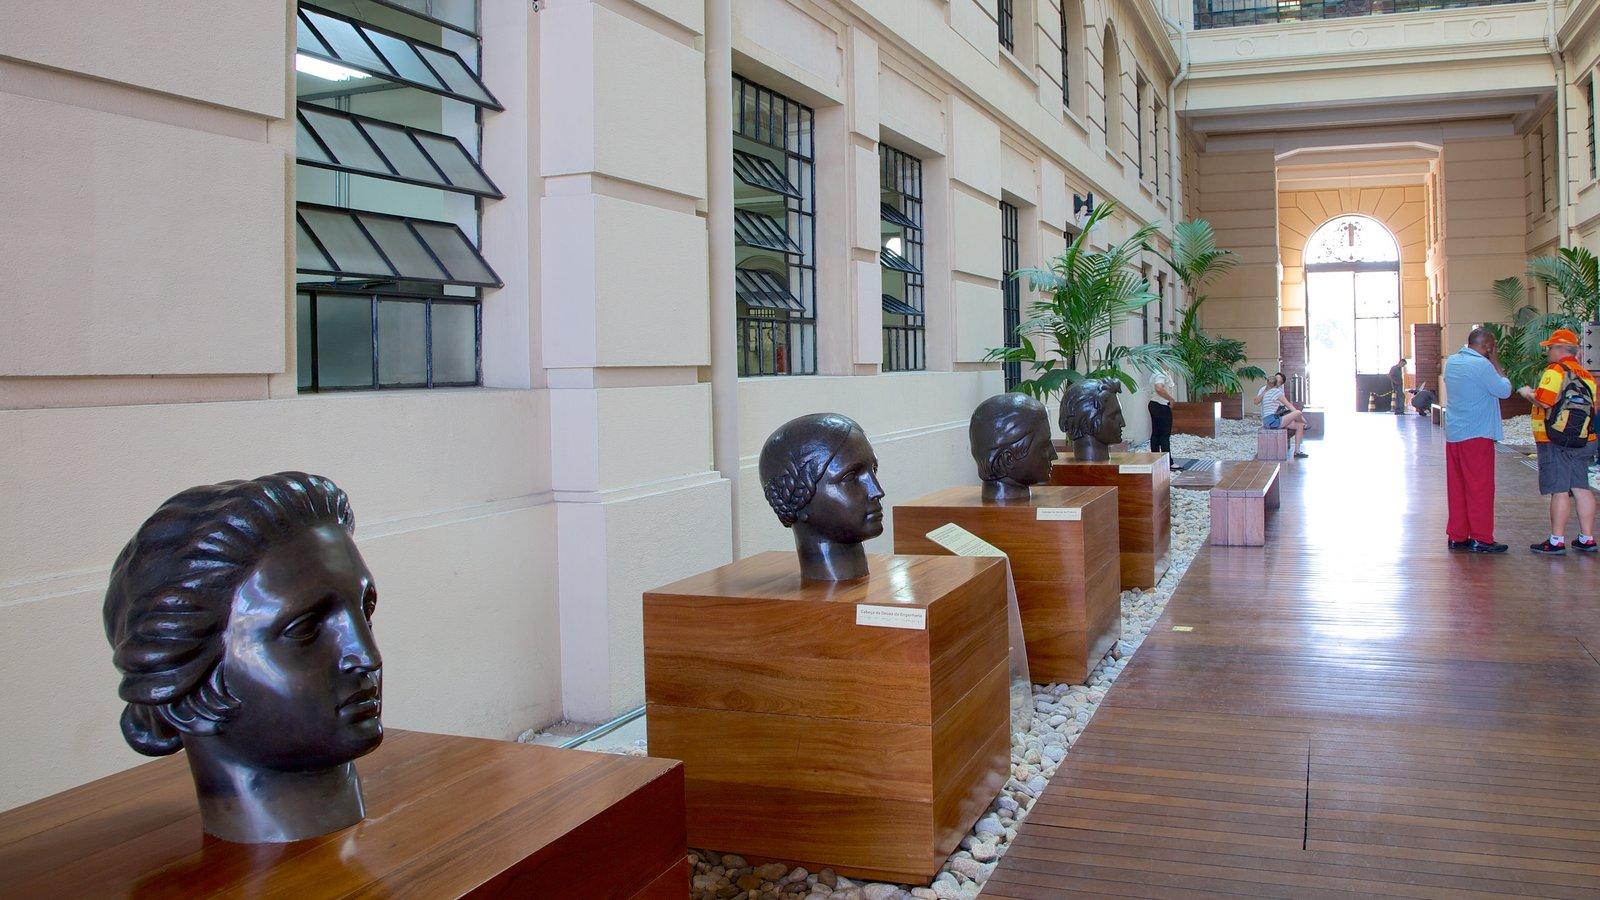 Sala São Paulo caracterizando vistas internas e uma estátua ou escultura